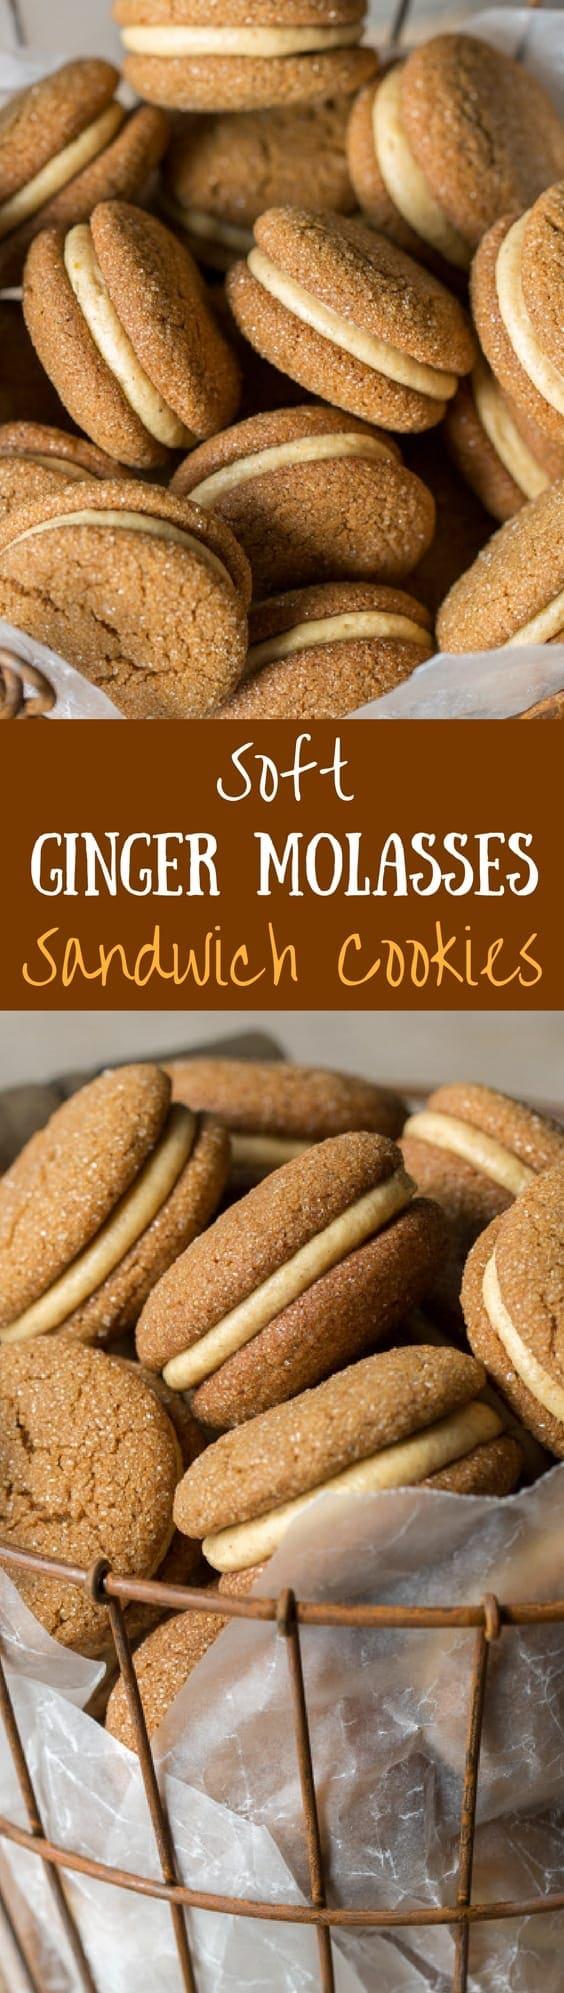 Soft Ginger Molasses Cookies with Pumpkin-Butter Buttercream | www.savingdessert.com